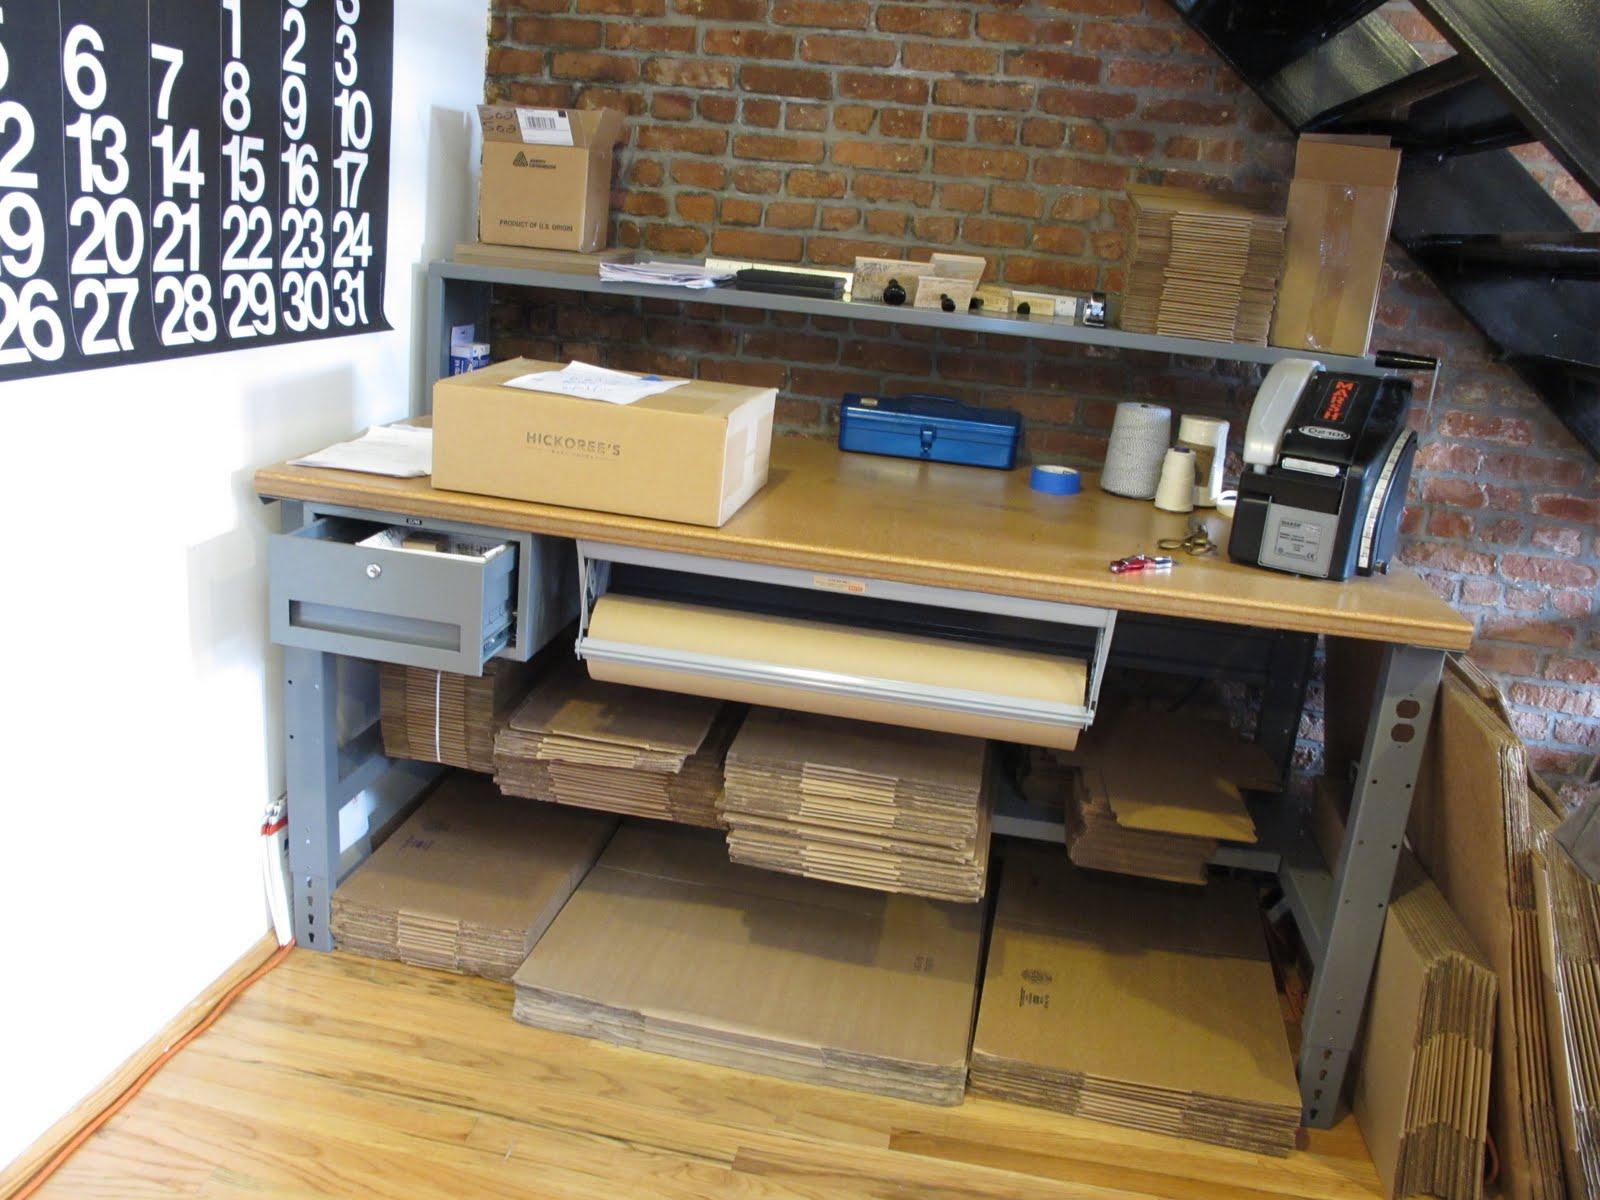 October 2010 Archival Blog